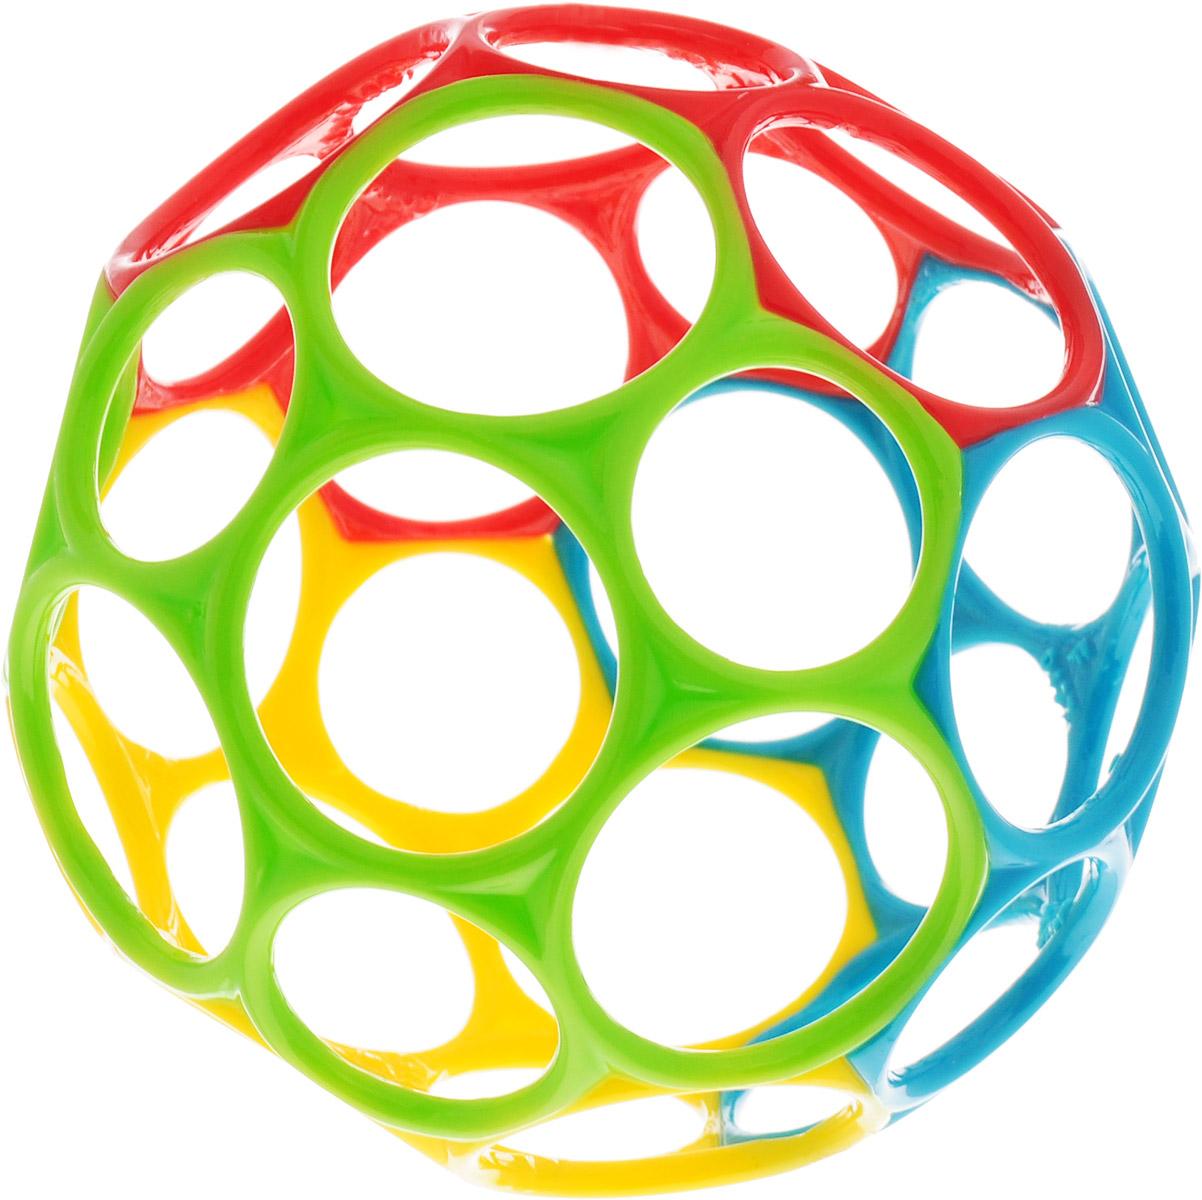 Развивающая игрушка Oball Мячик цвет красный салатовый желтый голубой арт.81024